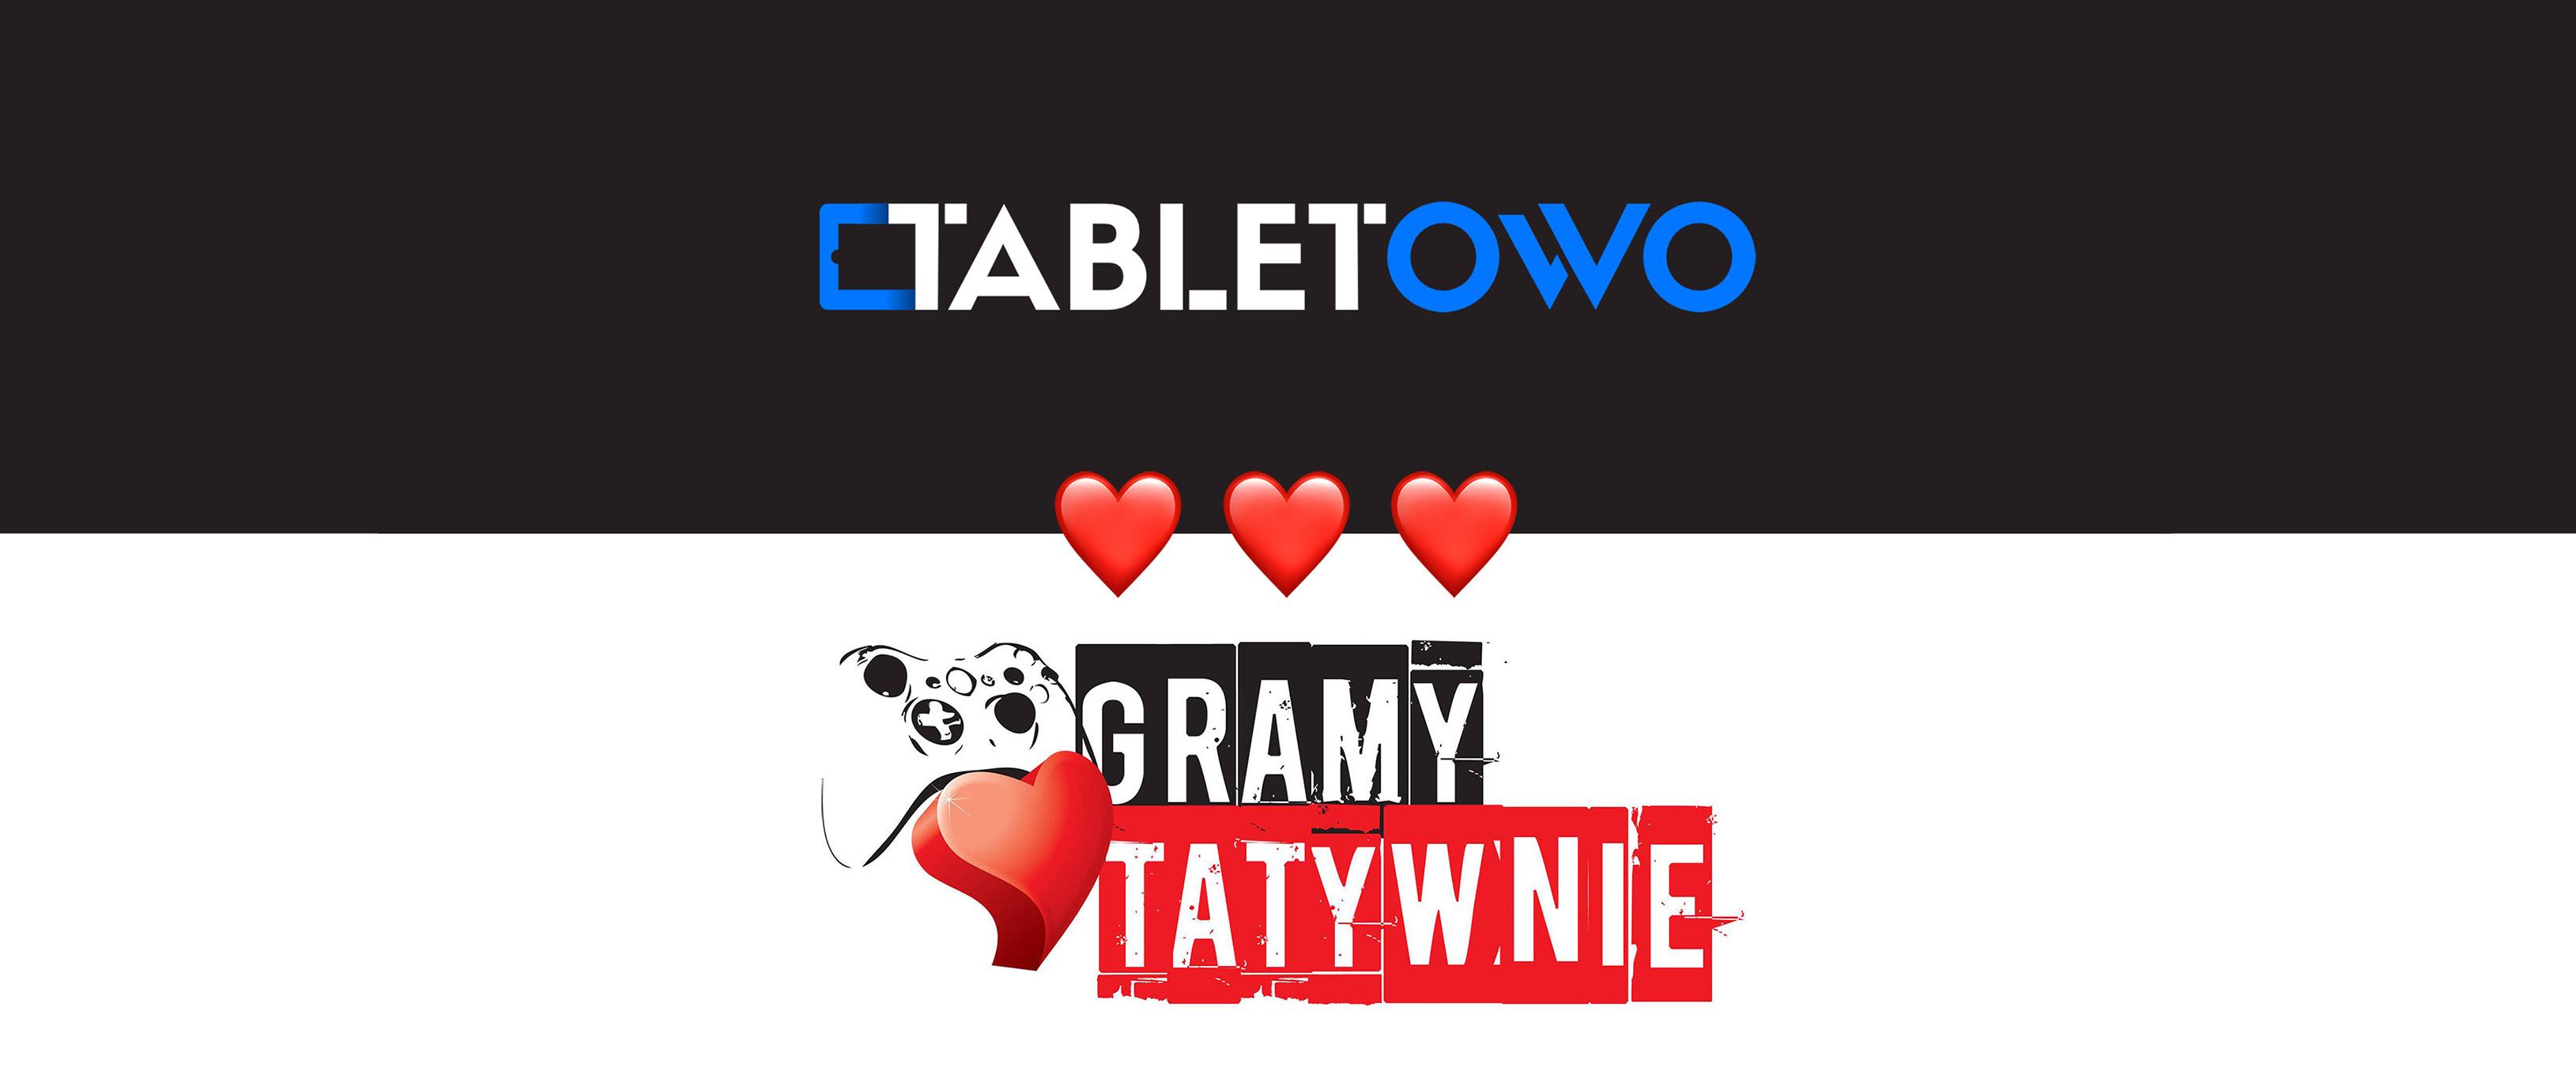 Ruszyło Gramytatywnie 2019 - jedyna taka akcja charytatywna w Polsce! 19